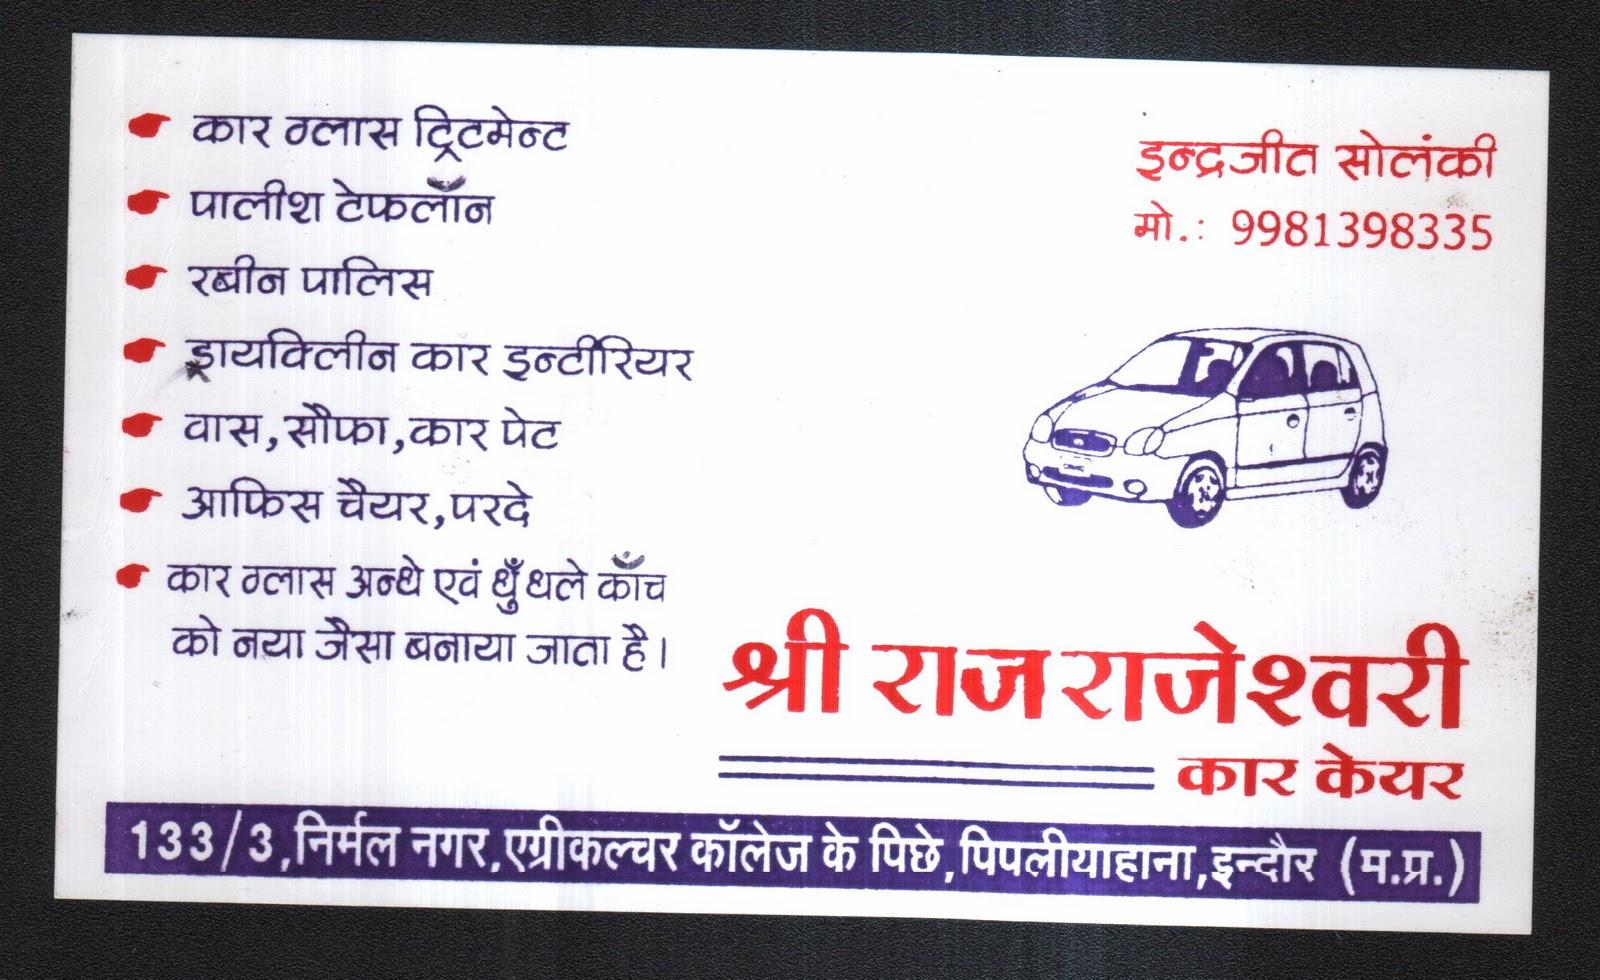 SHRI RAJ RAJESHWARI CAR CARE: MY VISITING CARD